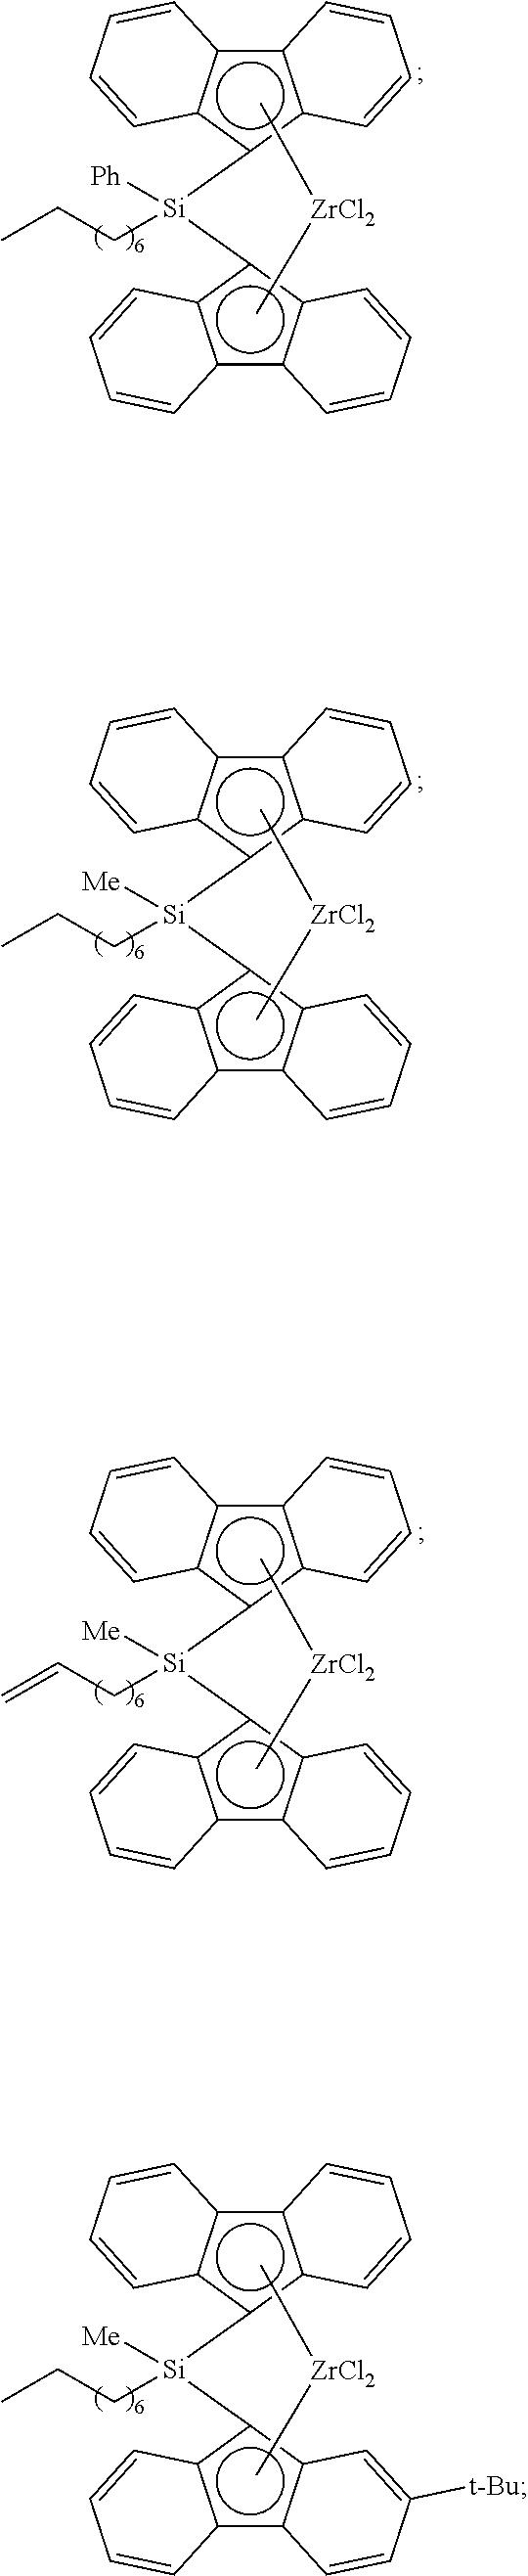 Figure US08748546-20140610-C00036